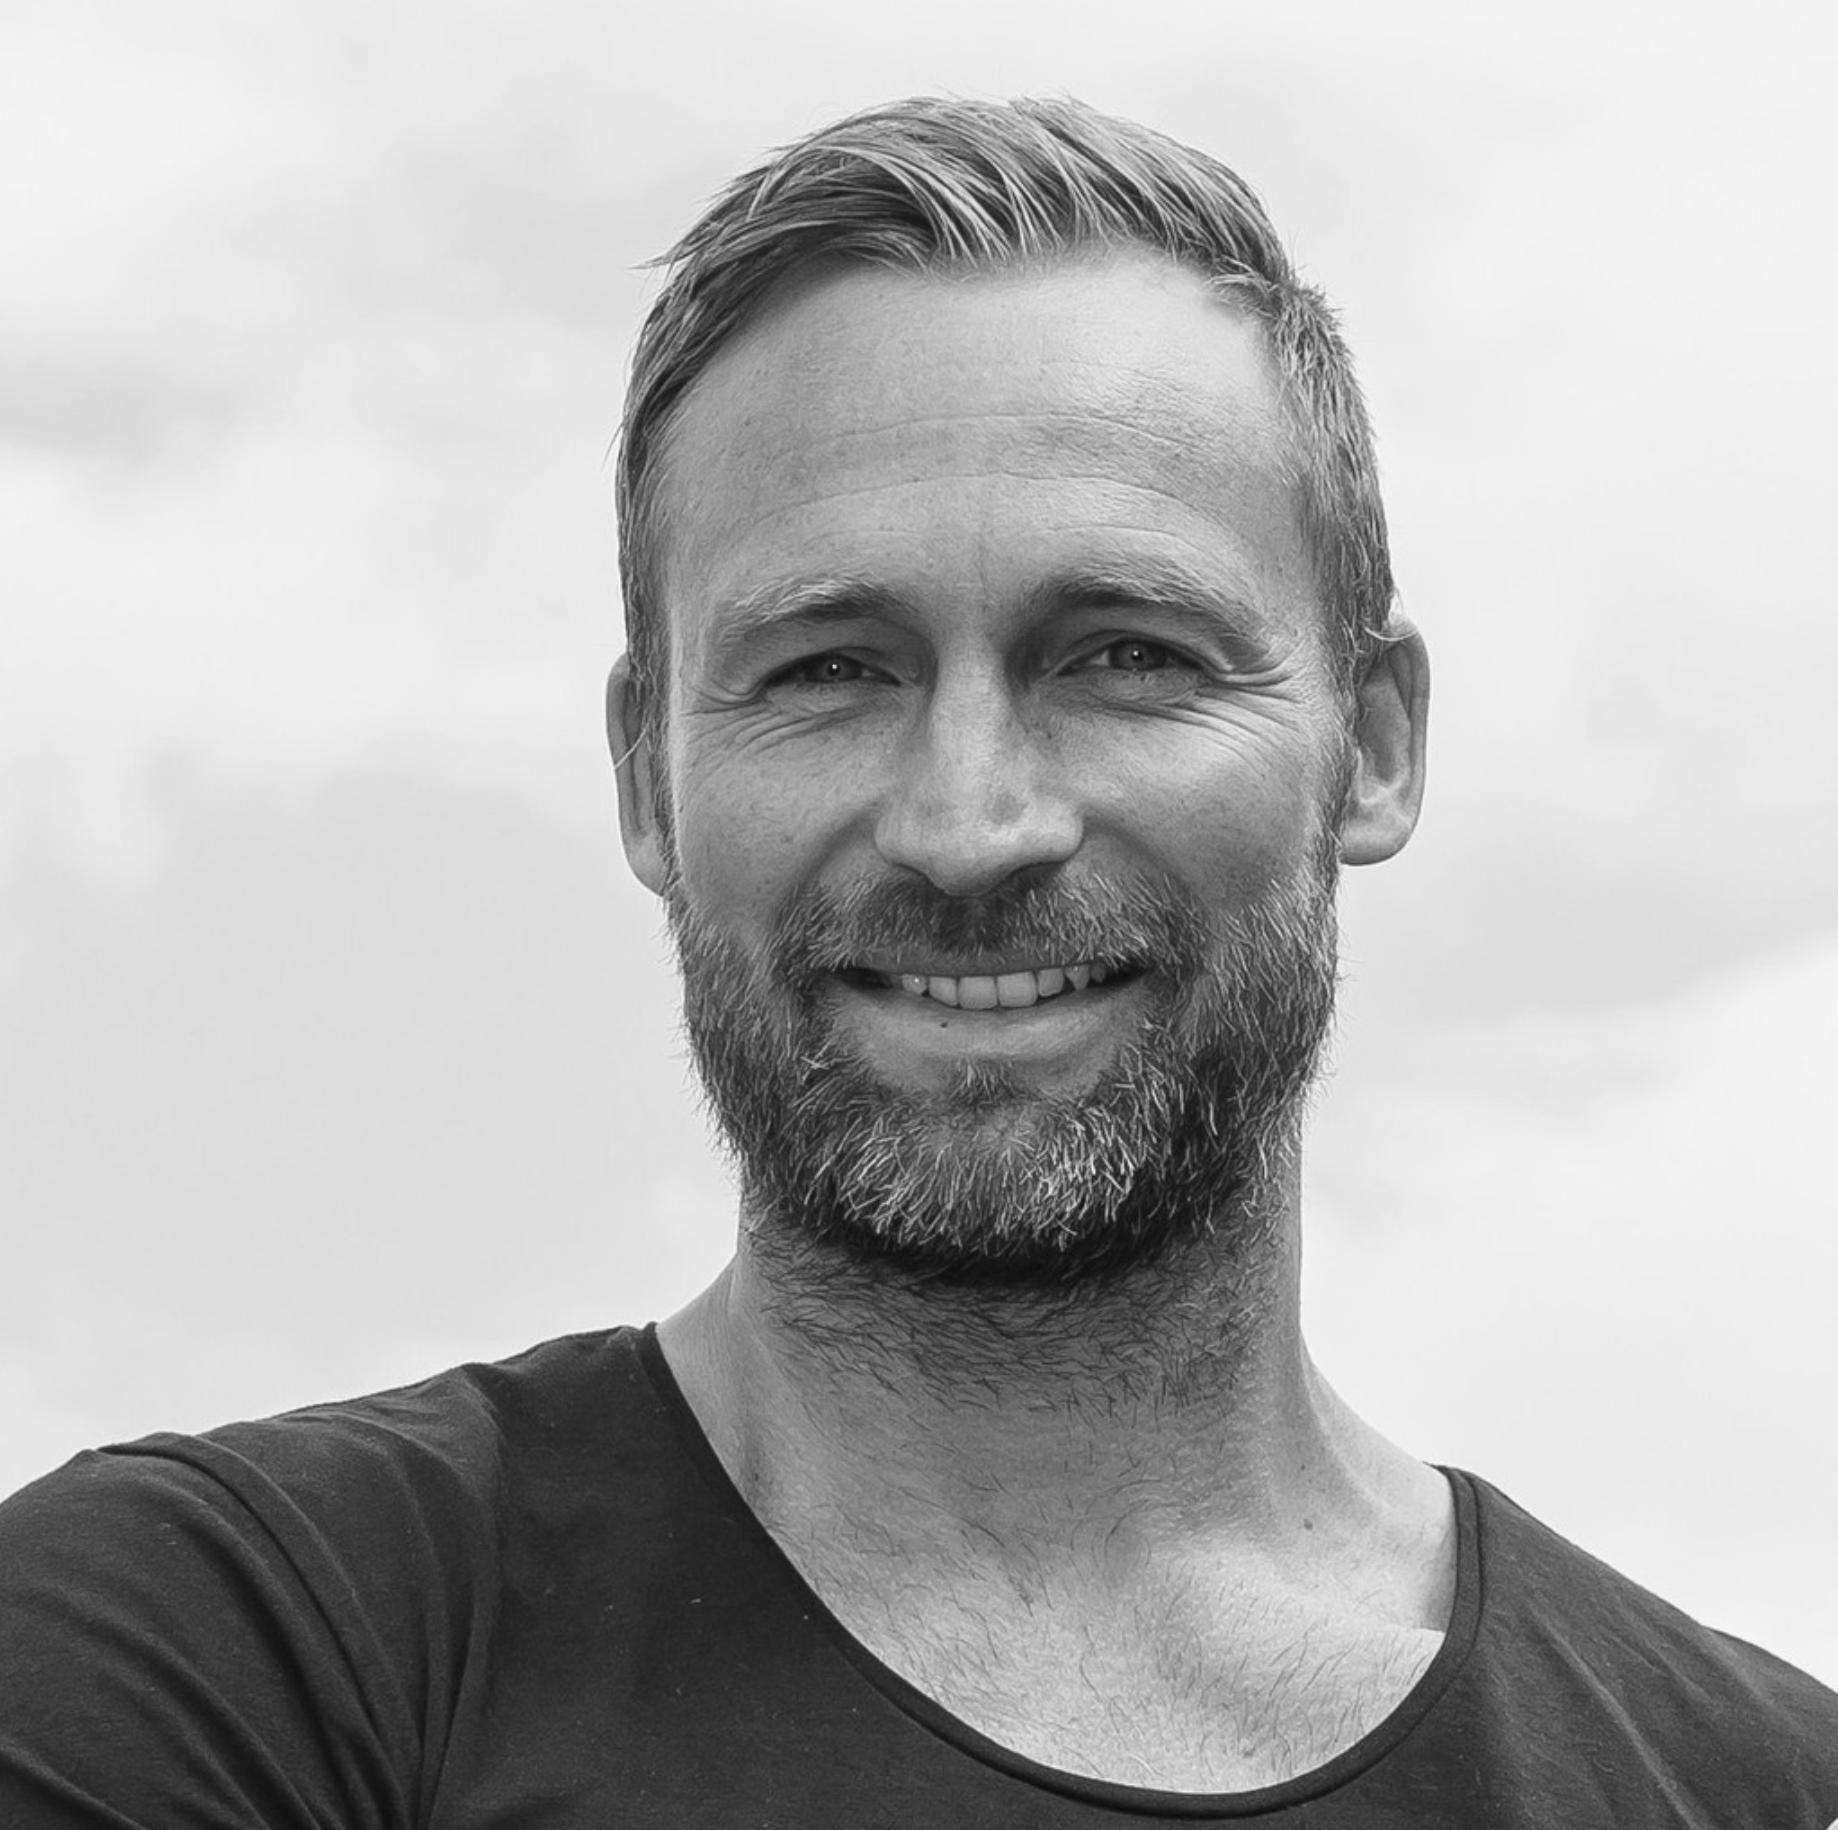 Stefan Pluhar